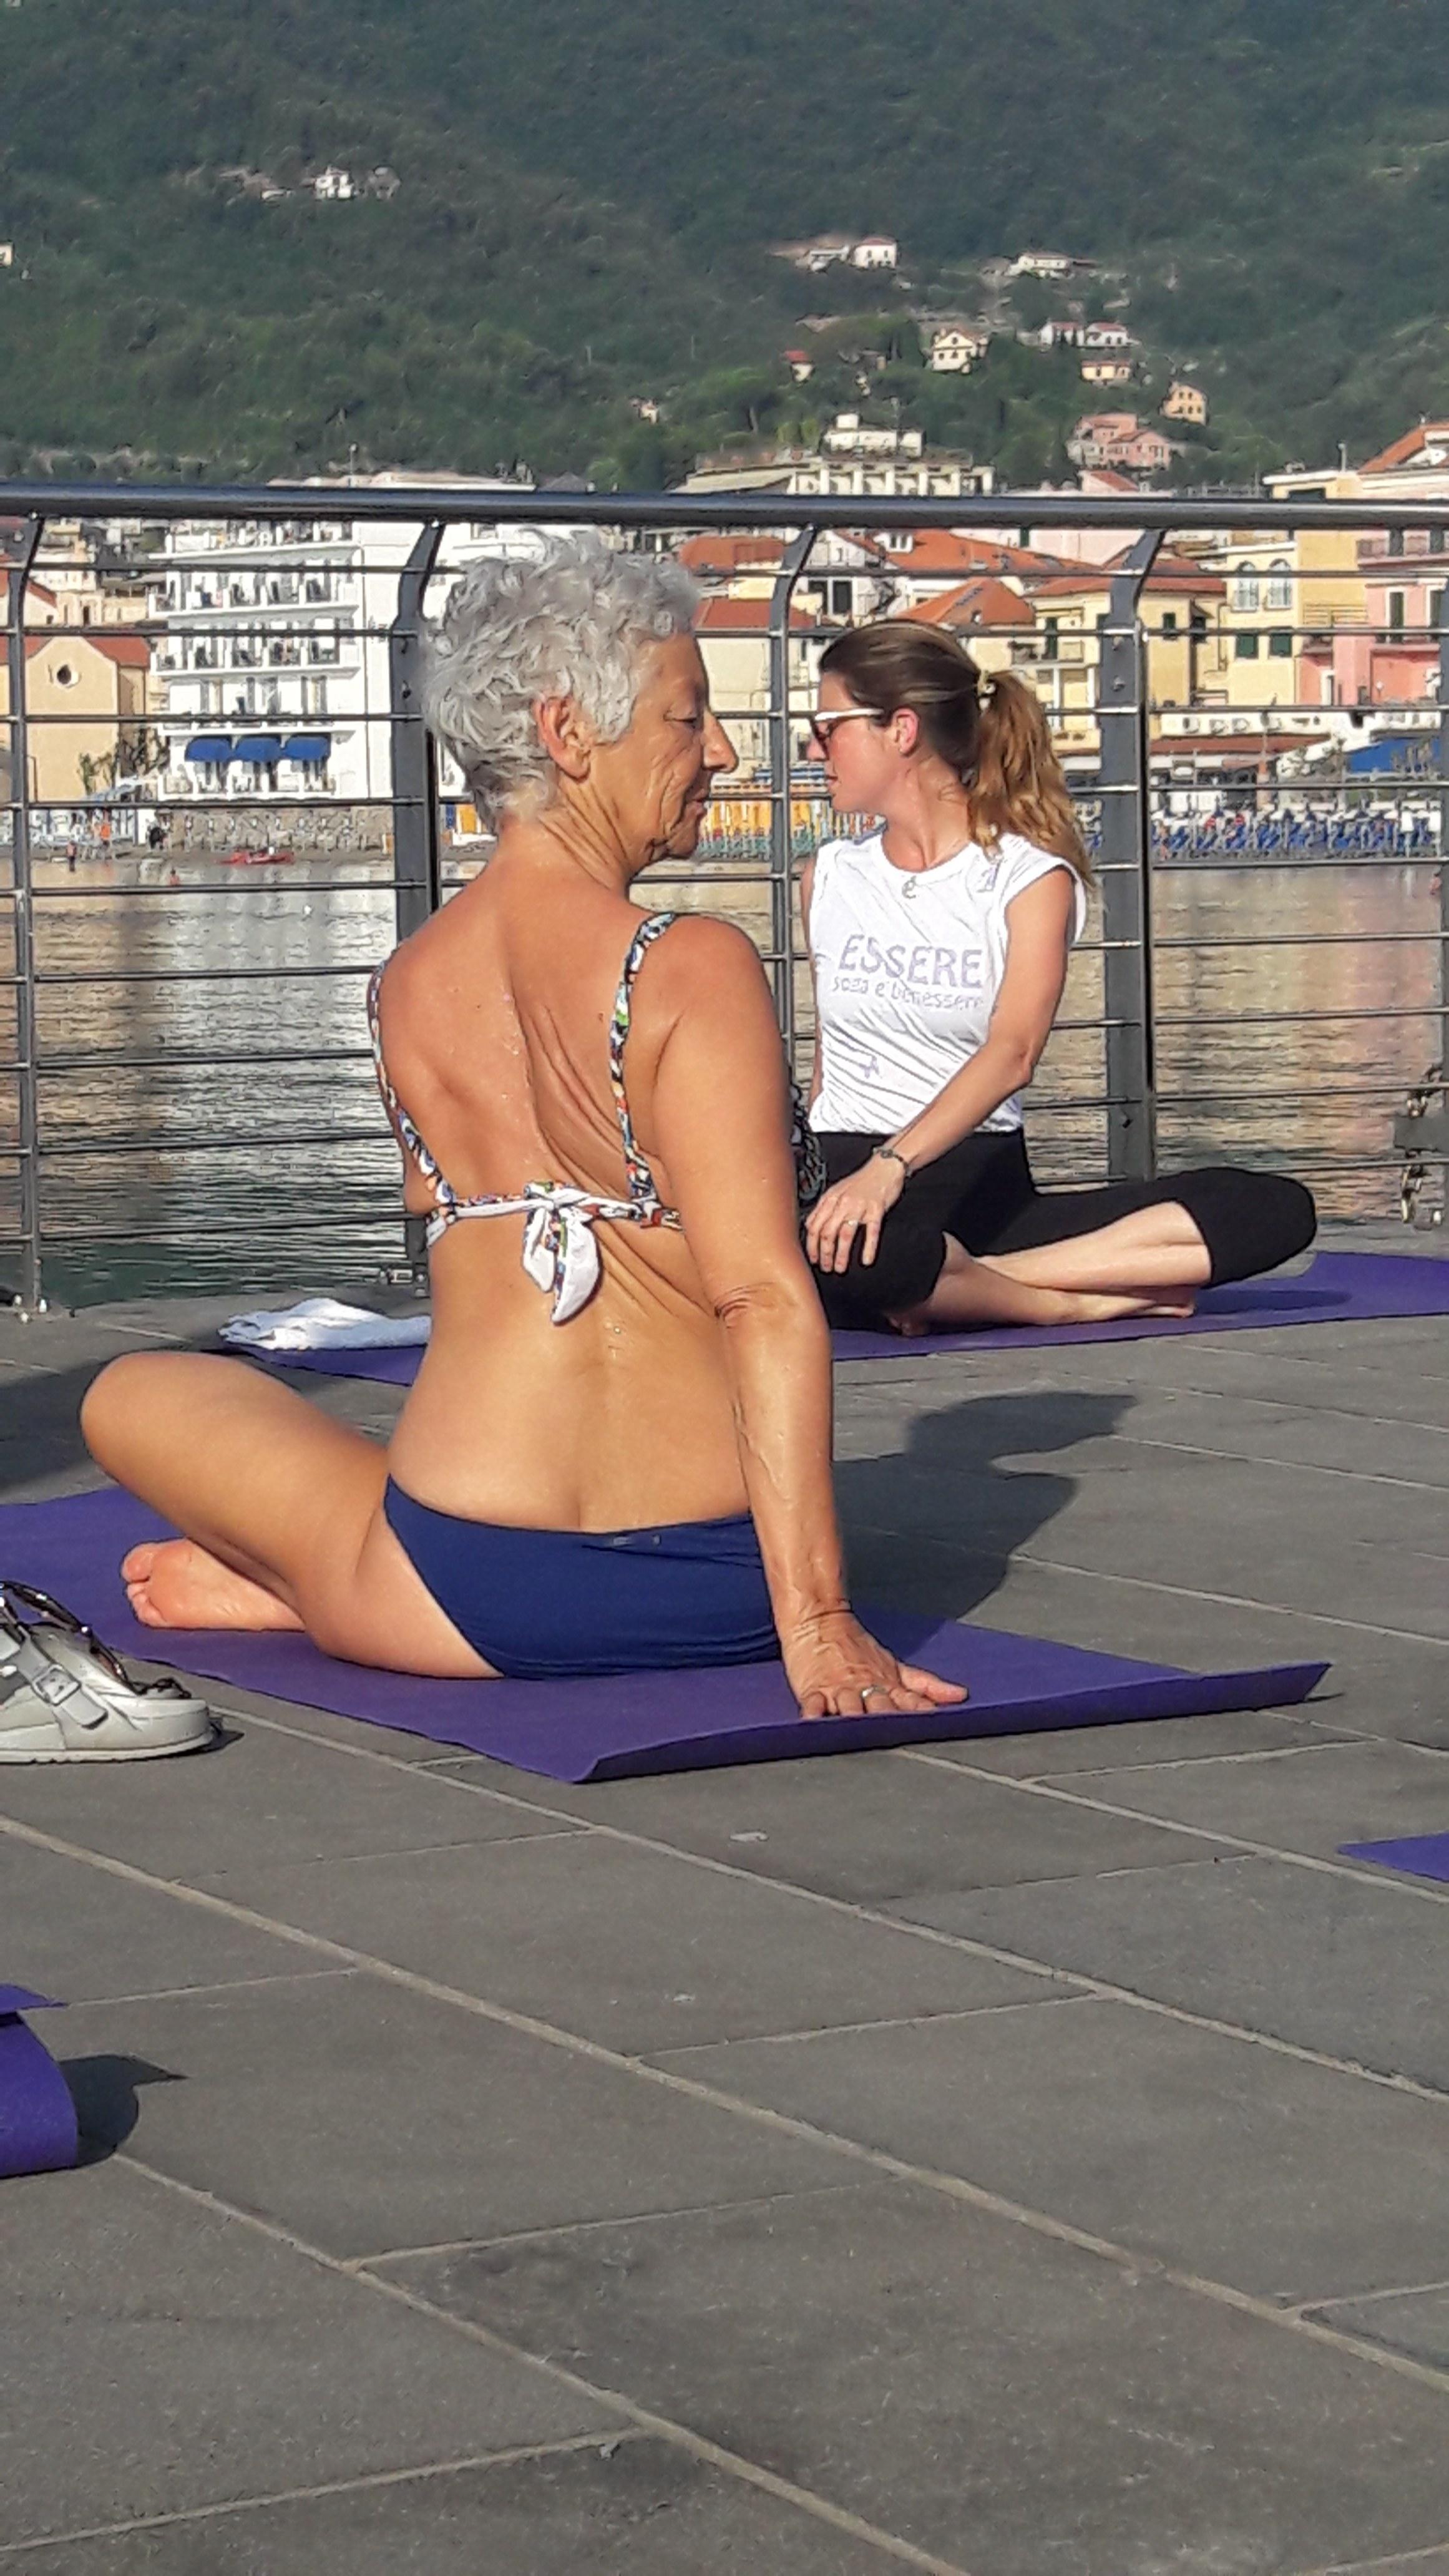 essere-free-yoga-gratuito-benessere-per-tutti-village-citta-alassio-estate-lucia-ragazzi-summer-town-wellness-009